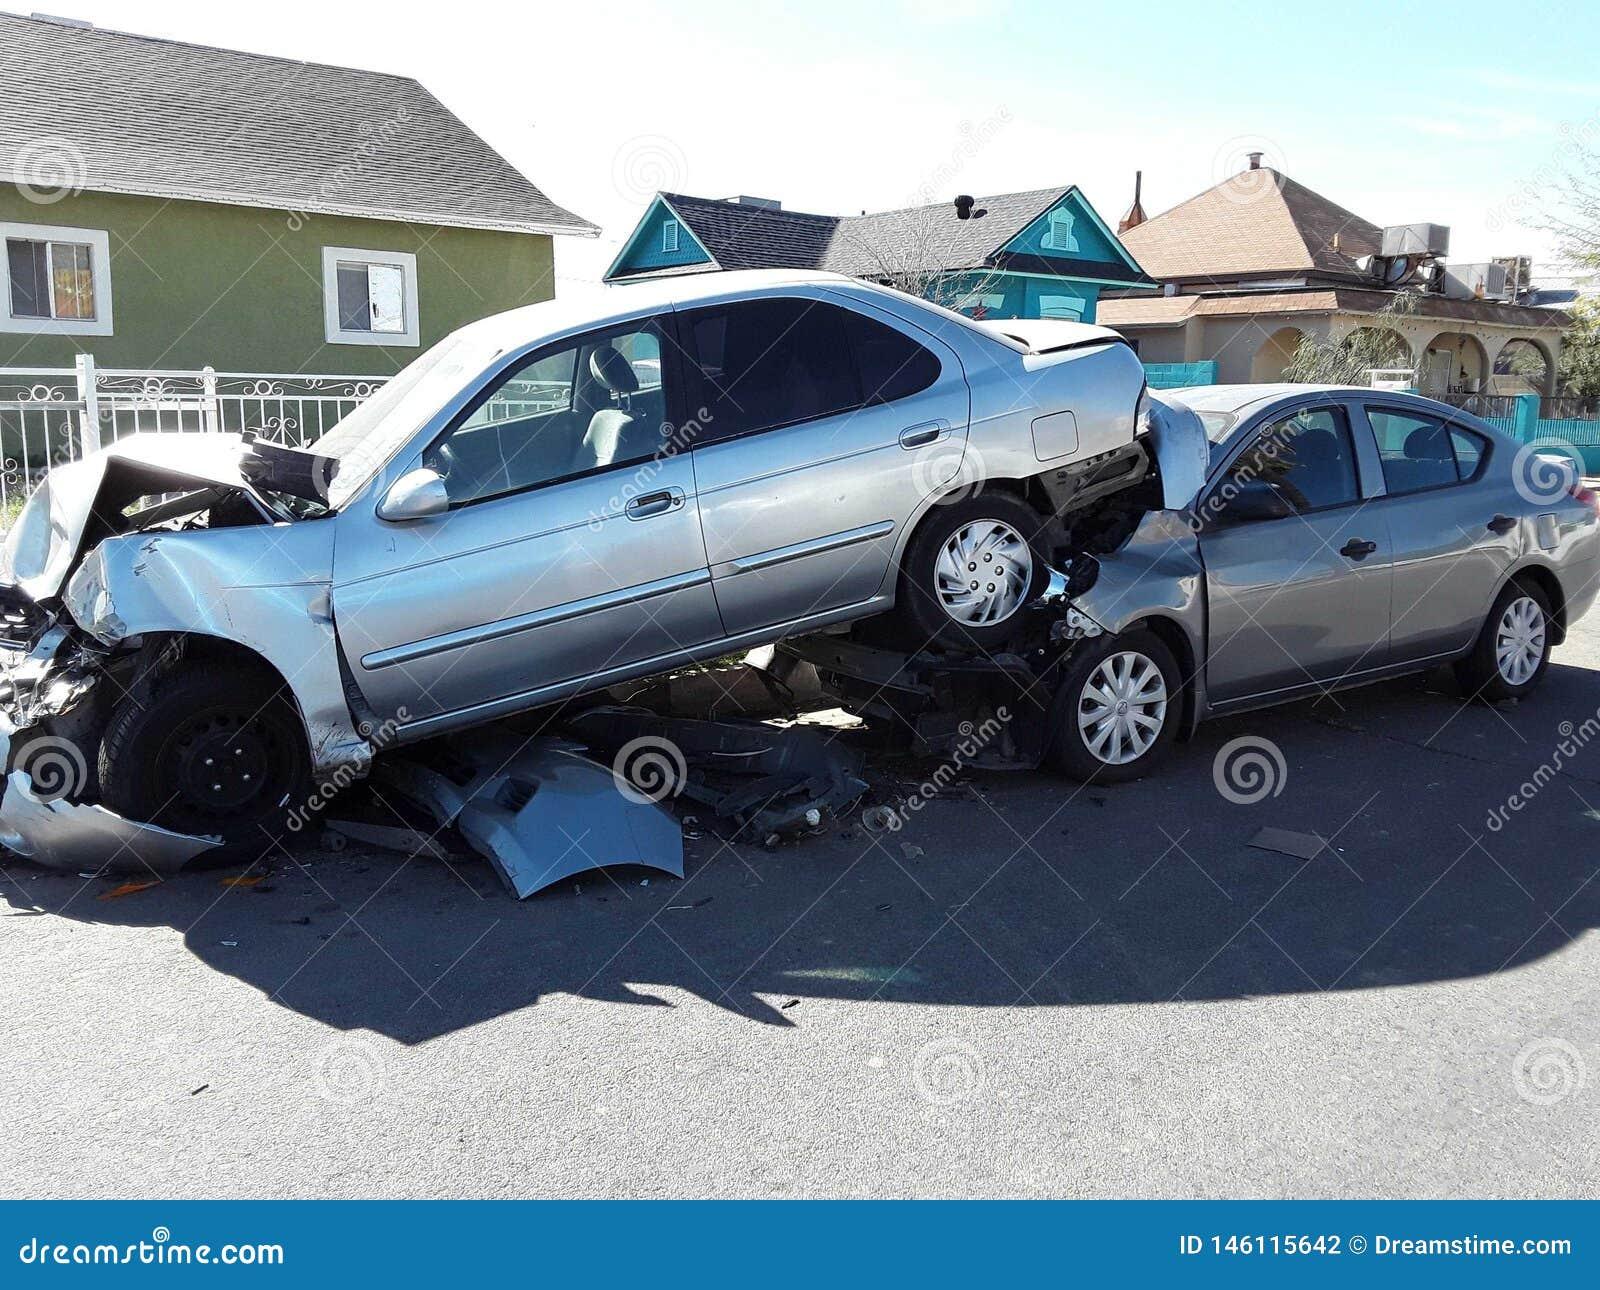 某人投入它的被撞的汽车在其他汽车顶部